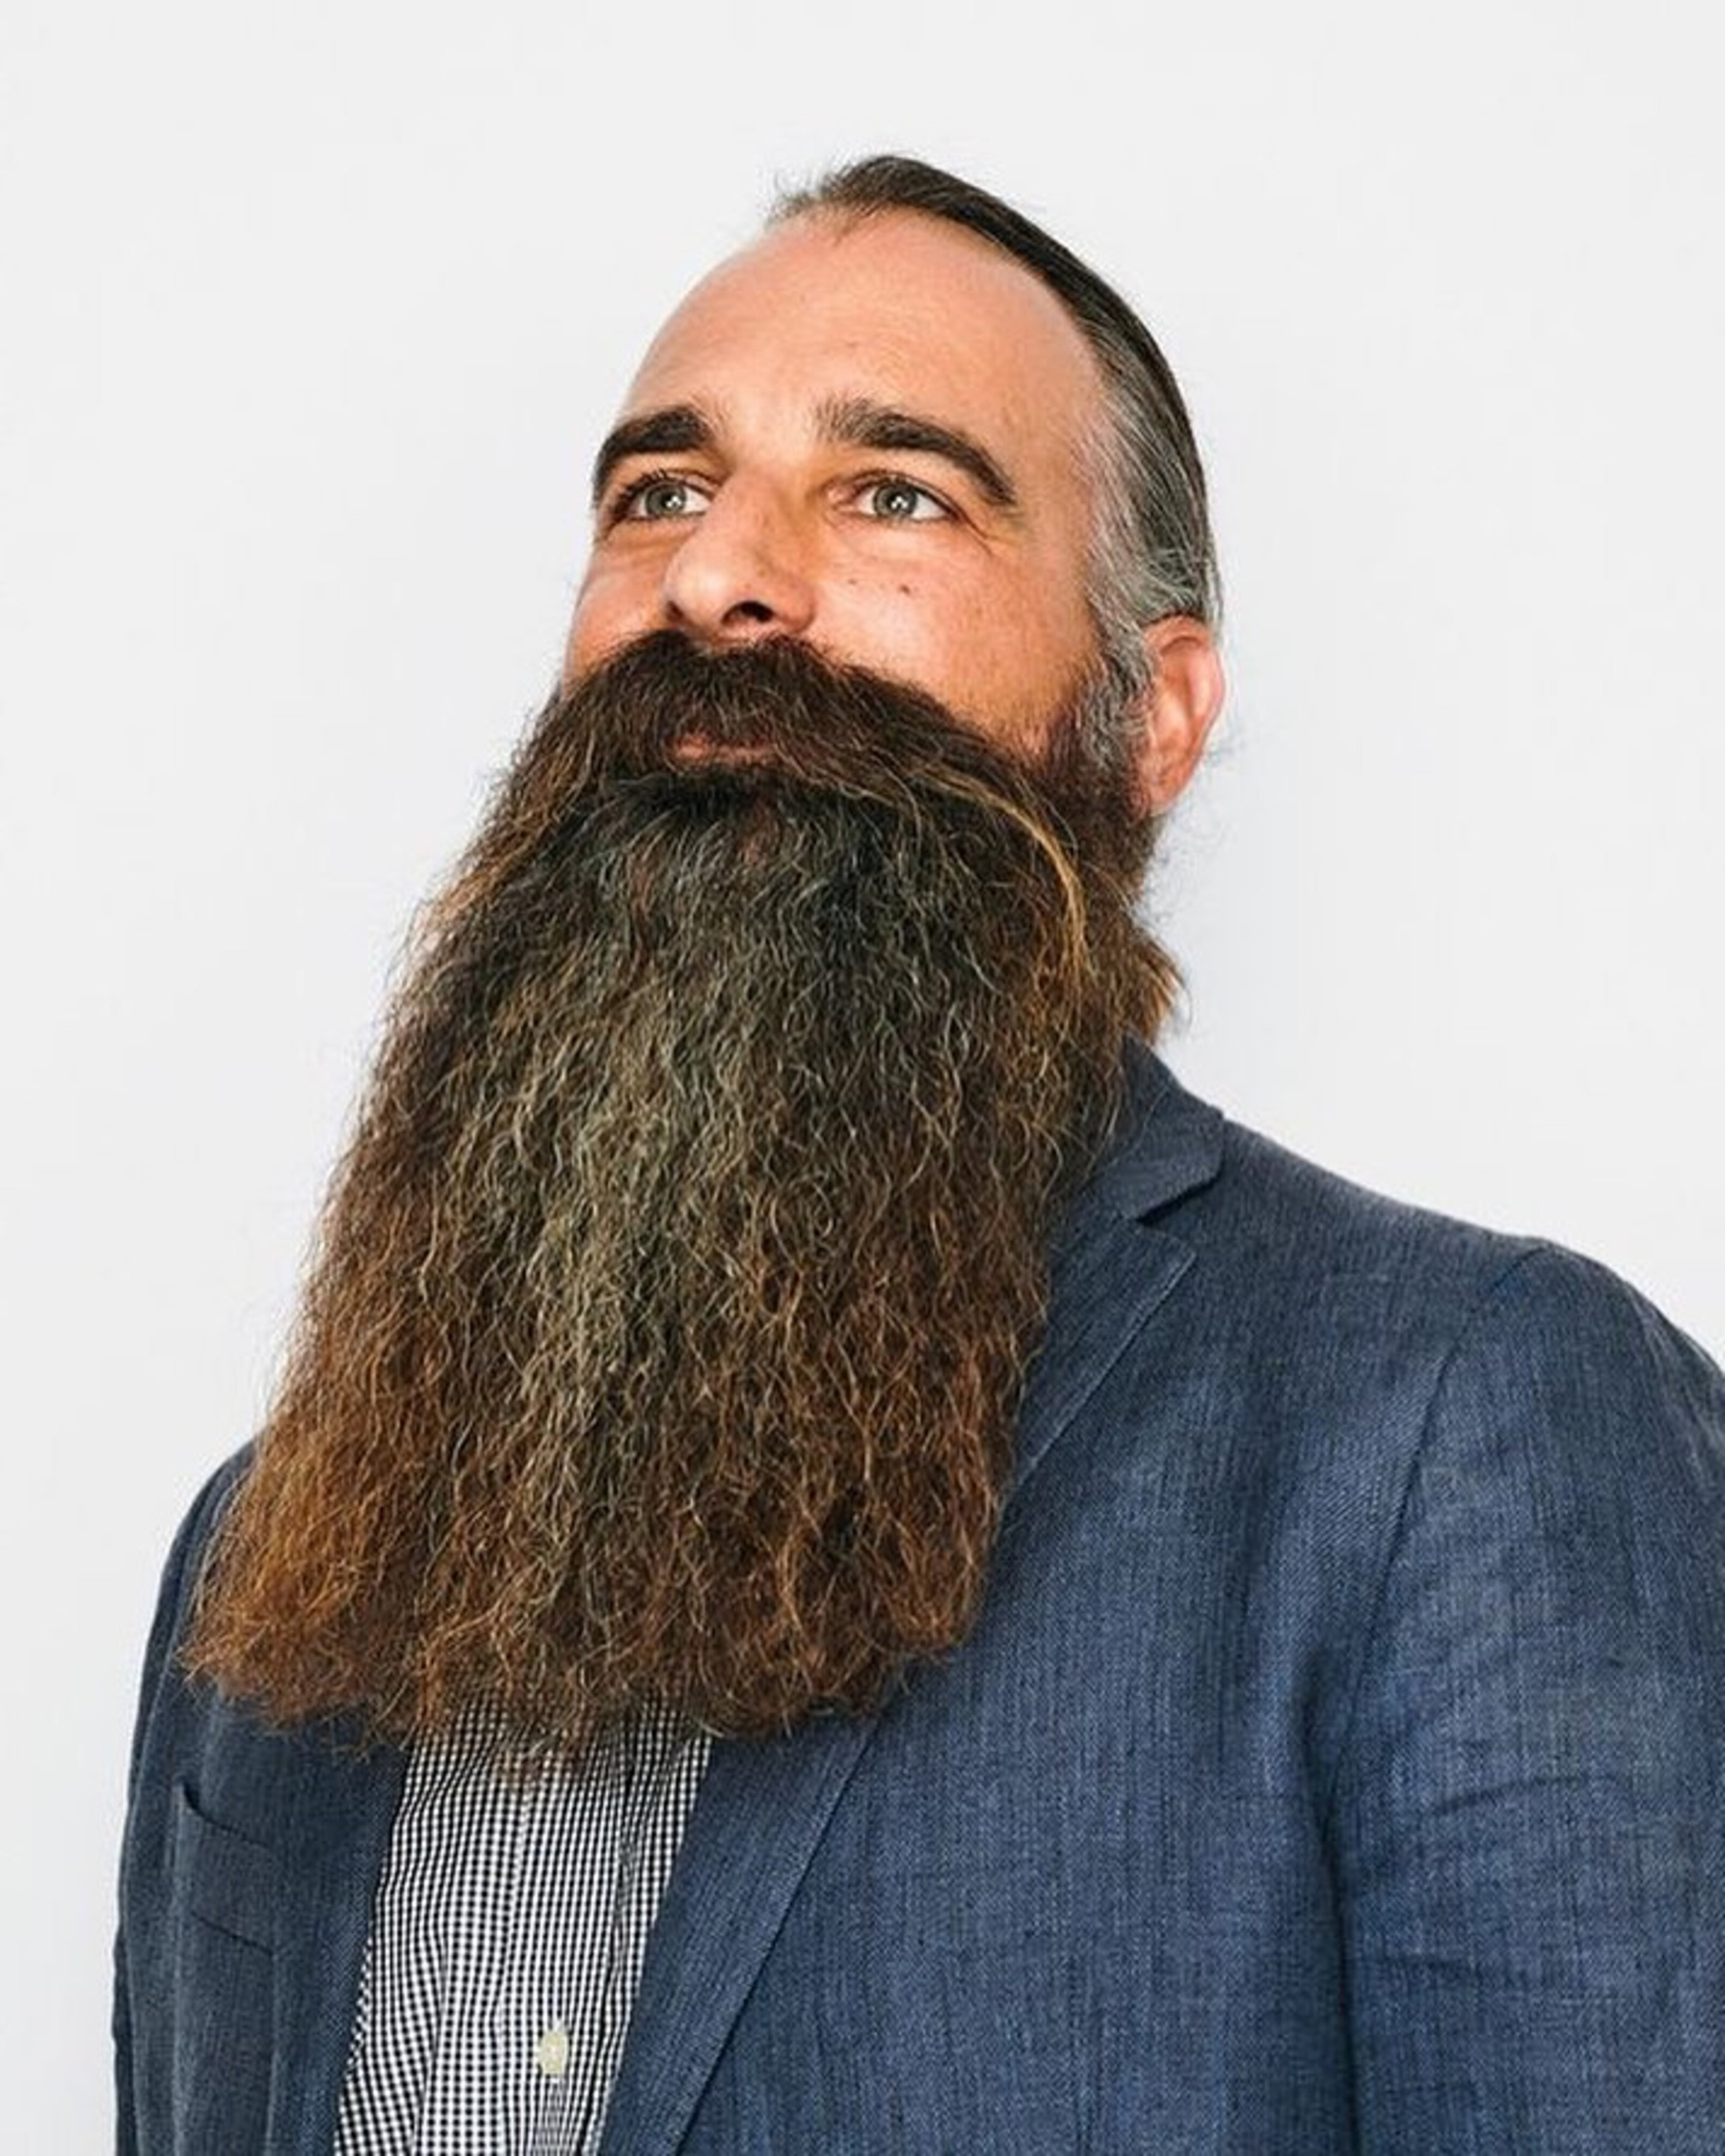 A long bushy beard for cool men.